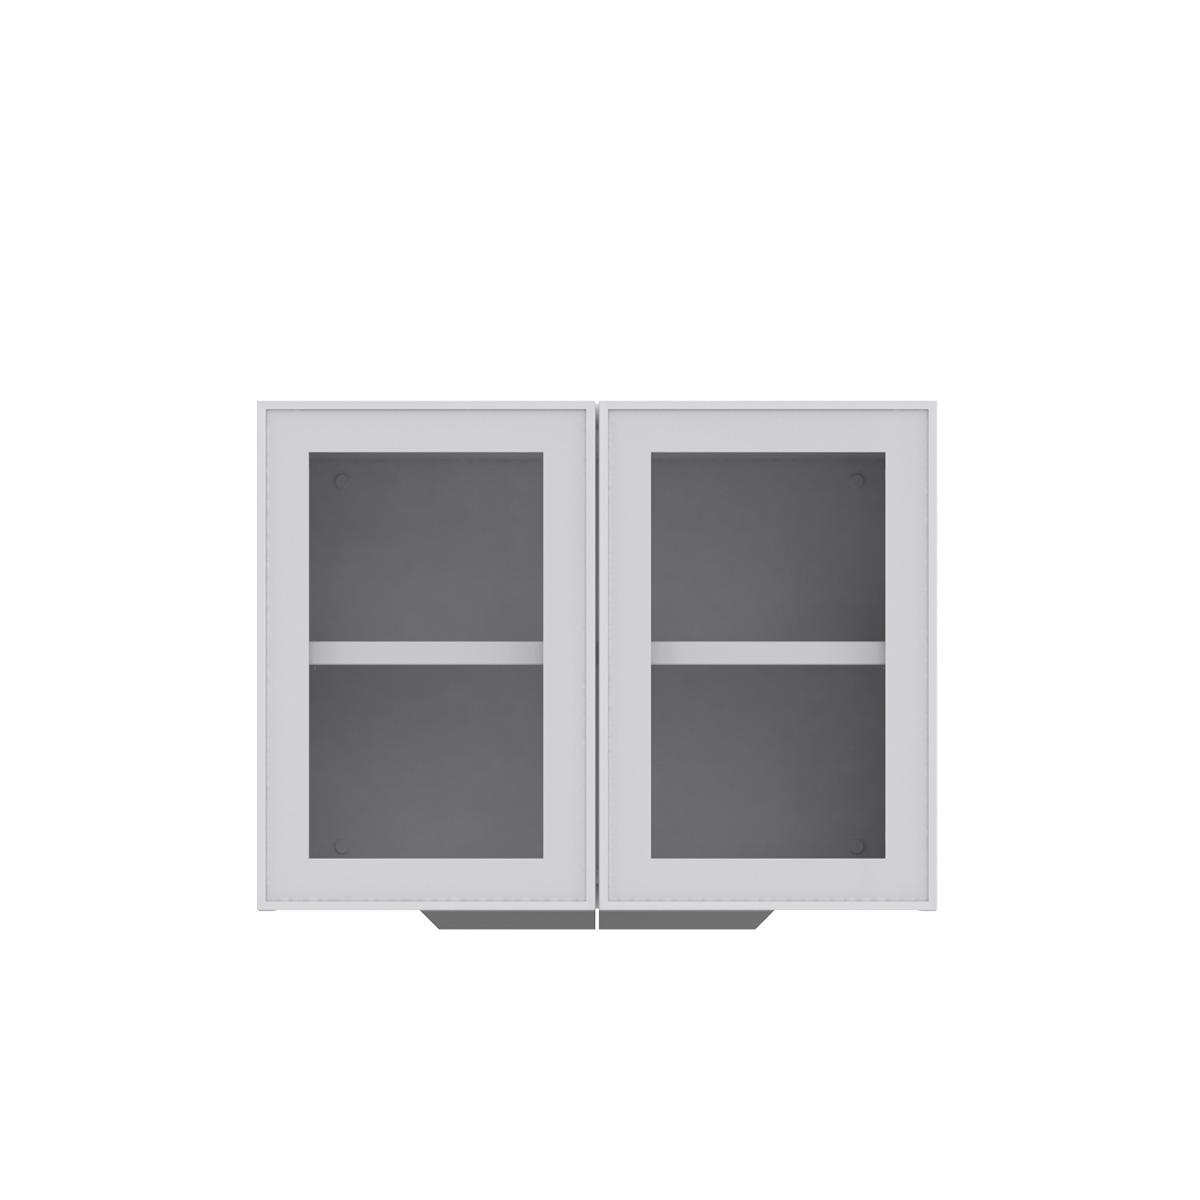 Armário de Cozinha Aéreo Colormaq Roma 2 Portas 52,5x70cm em Aço e Vidro